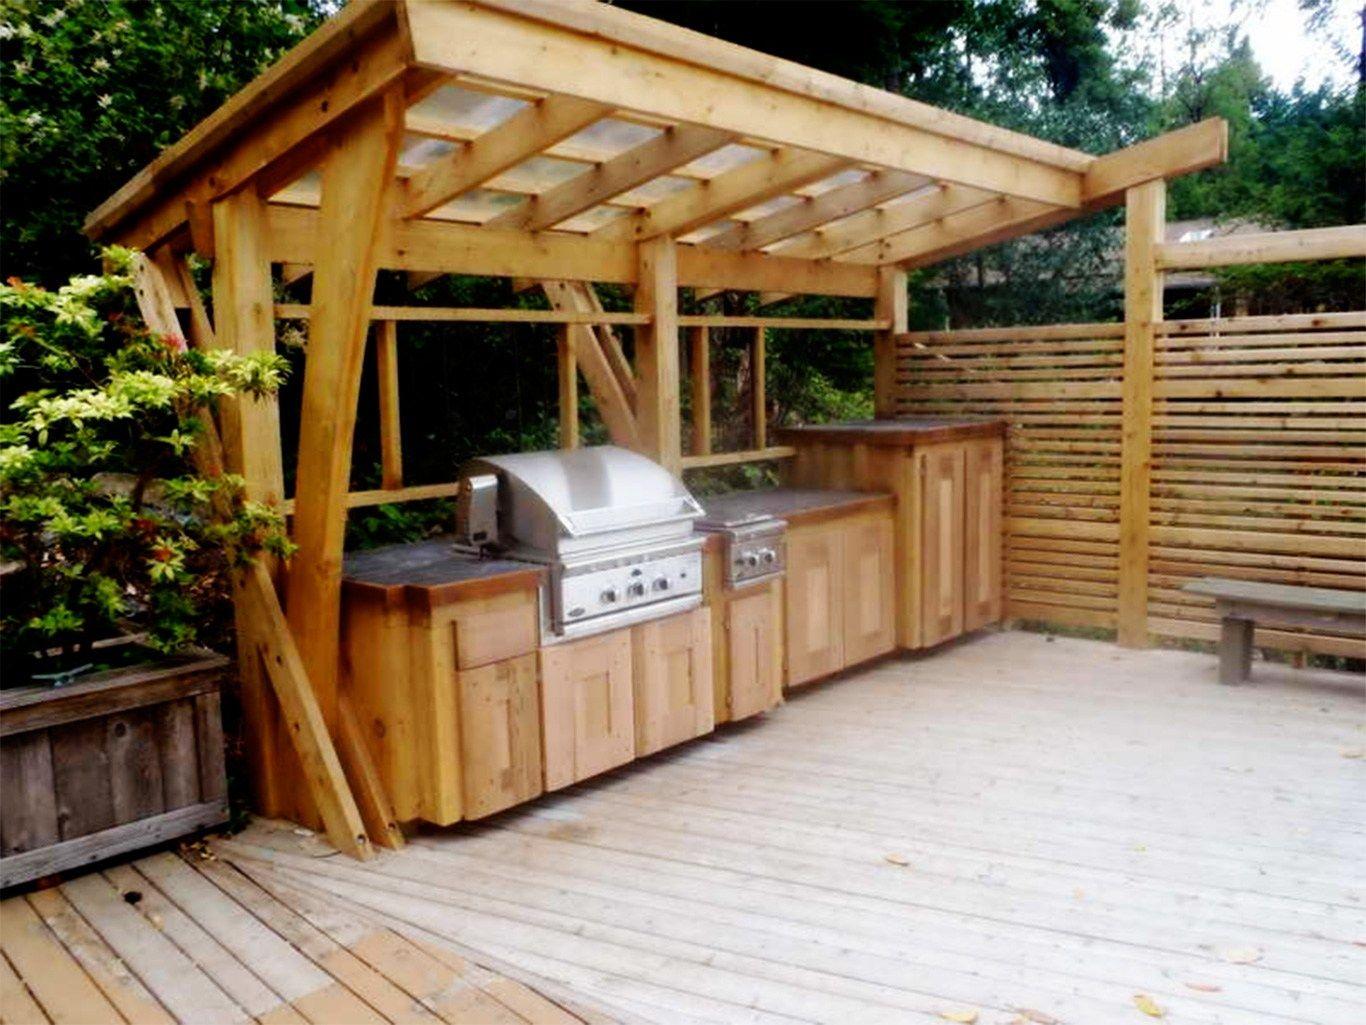 Best how to make outdoor kitchen design plans hsa with regard